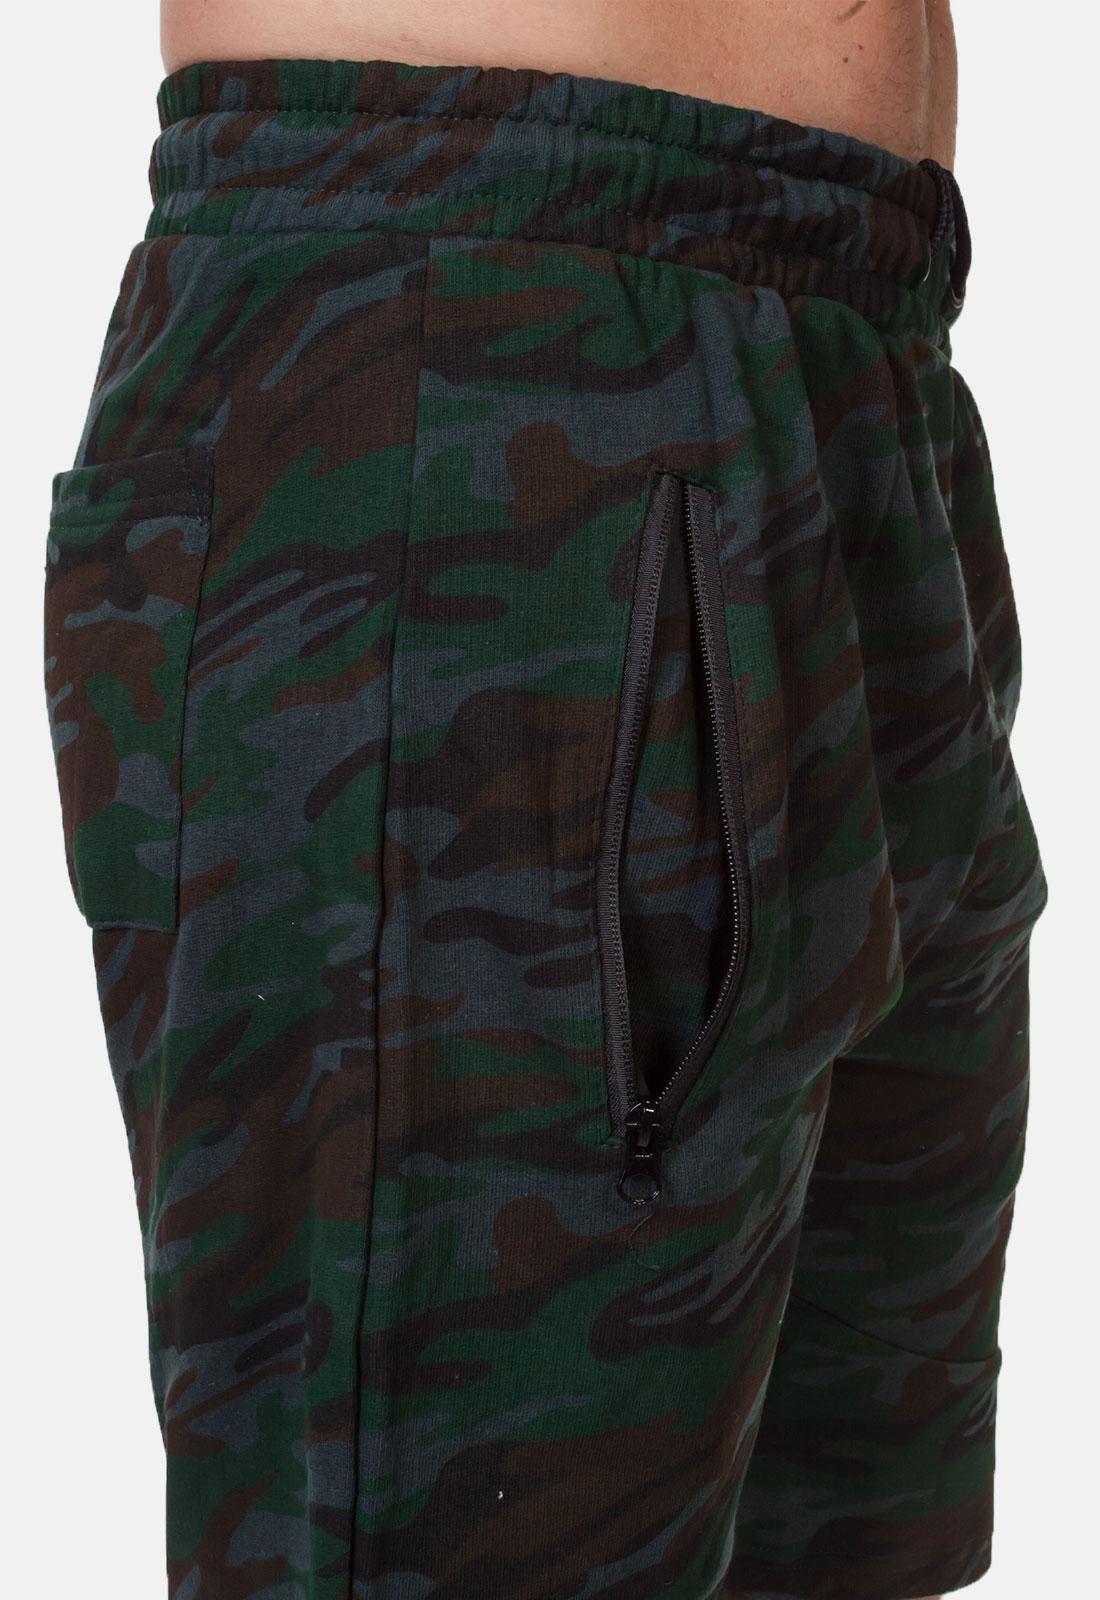 Стильные мужские шорты с эмблемой Погранслужбы купить с доставкой